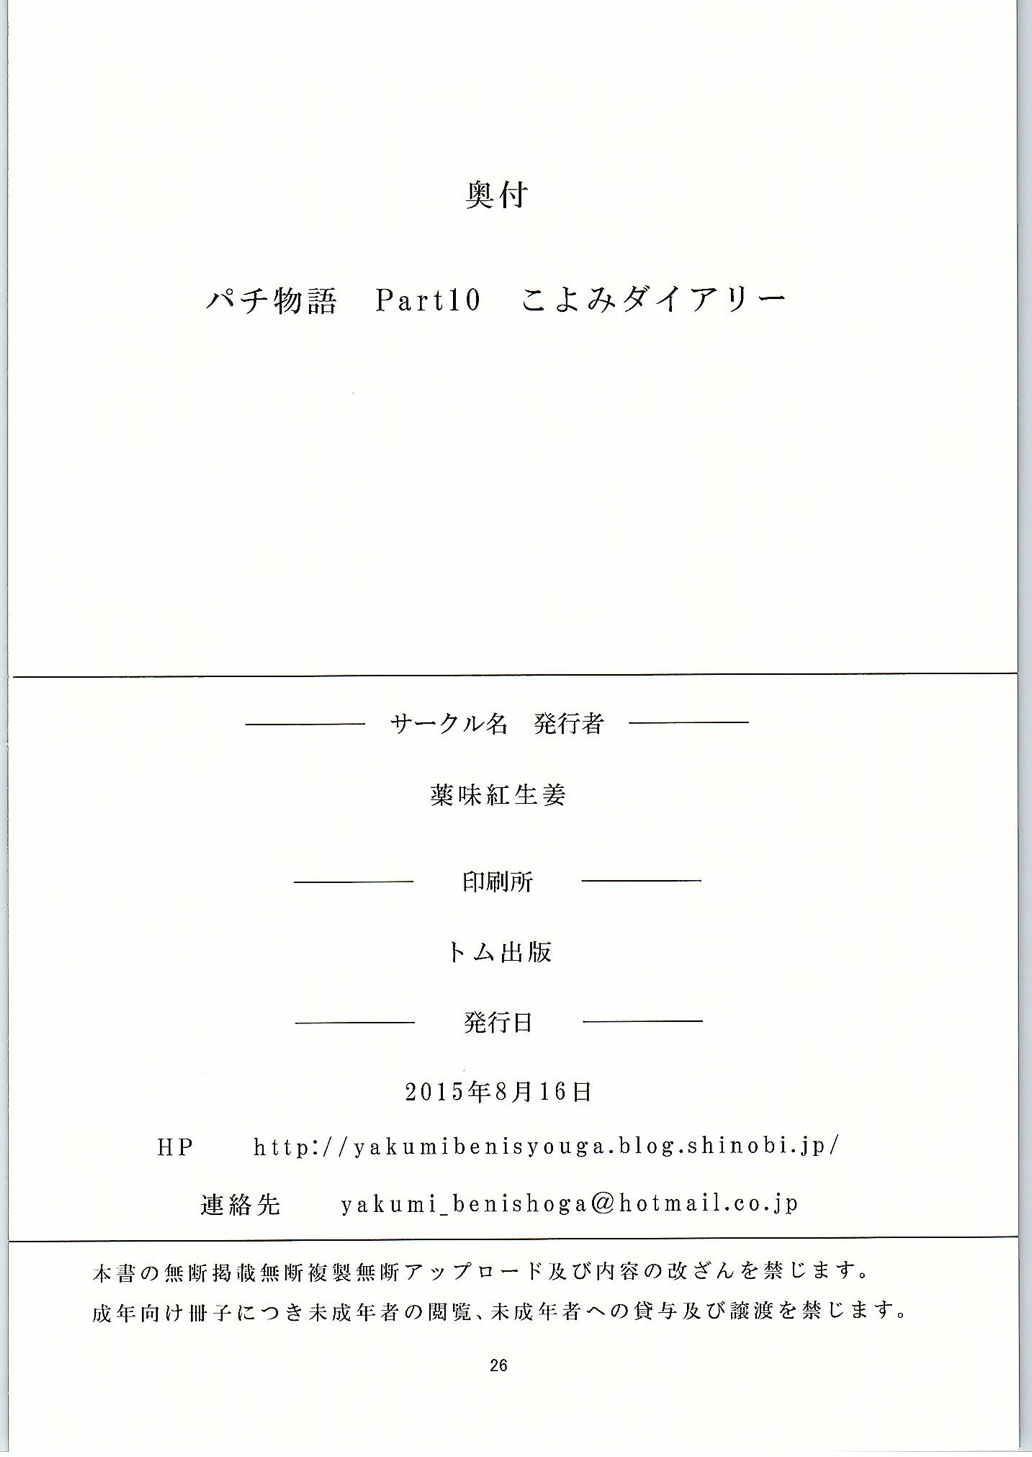 Pachimonogatari Part10 Koyomi Diary 24